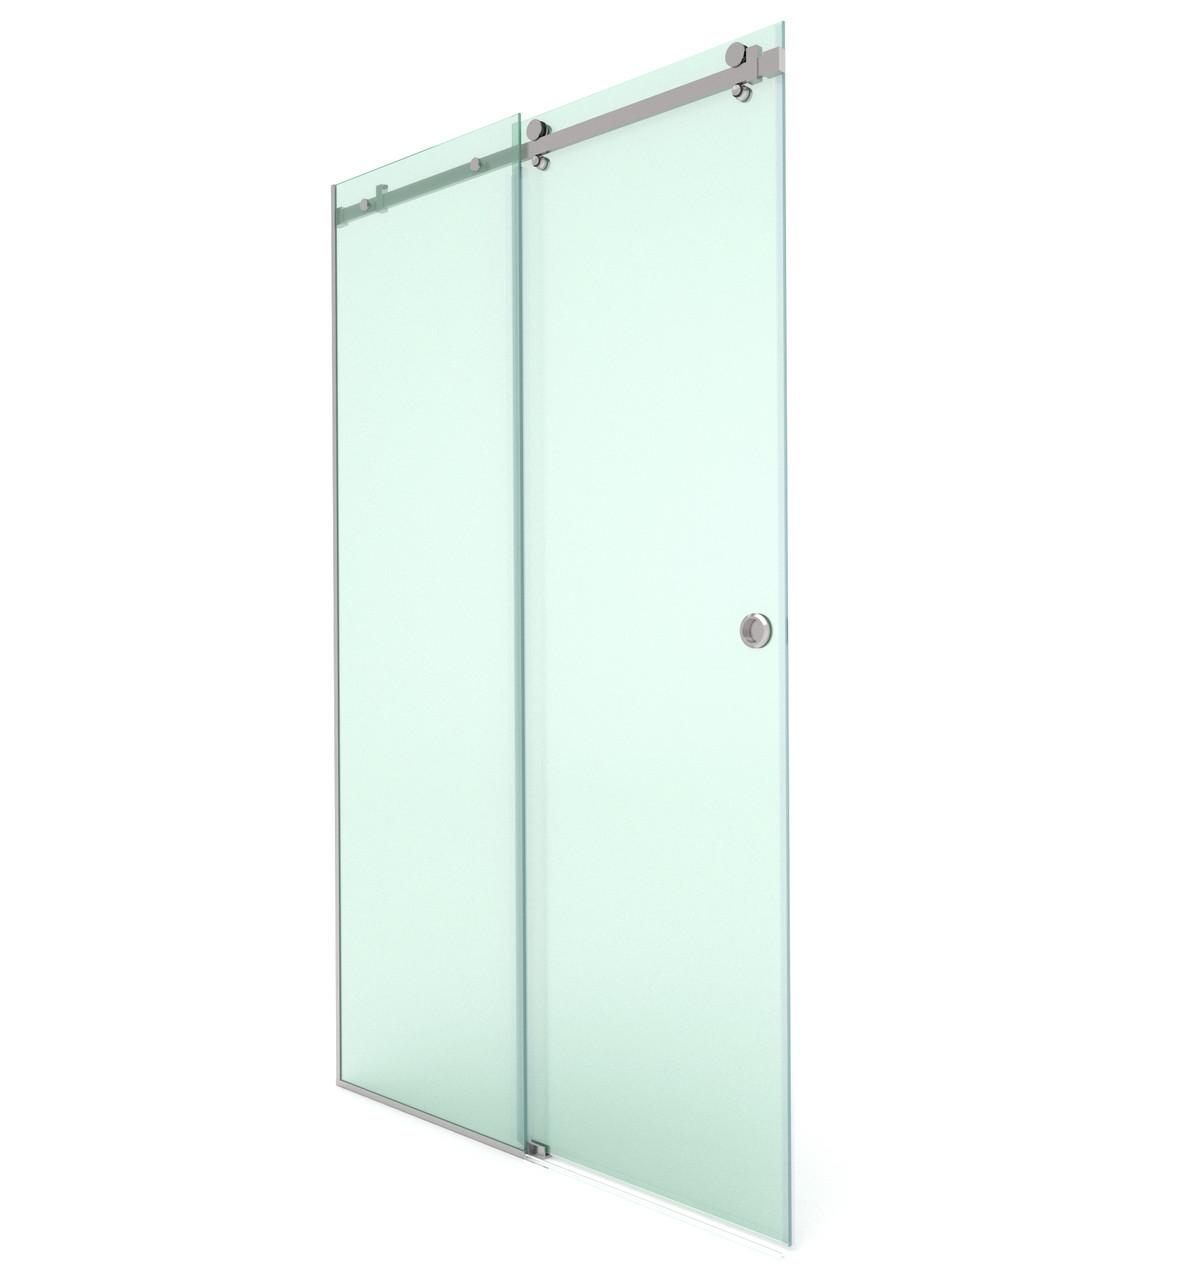 Двери для душа раздвижные, модели SD-02-01